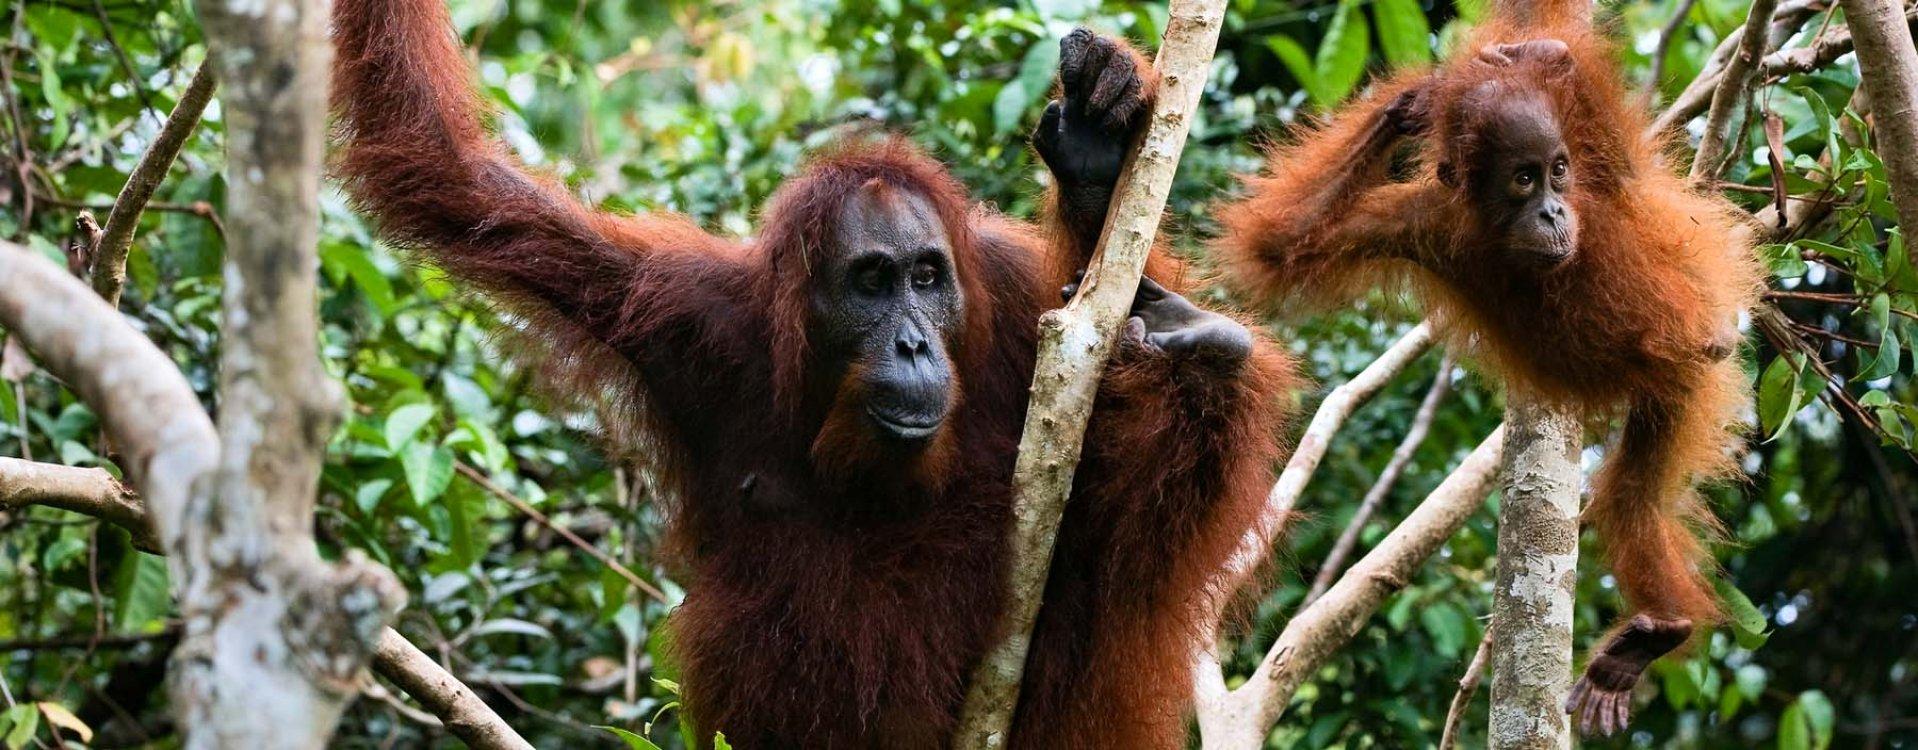 Orang-oetans, Bukit Lawang, Sumatra